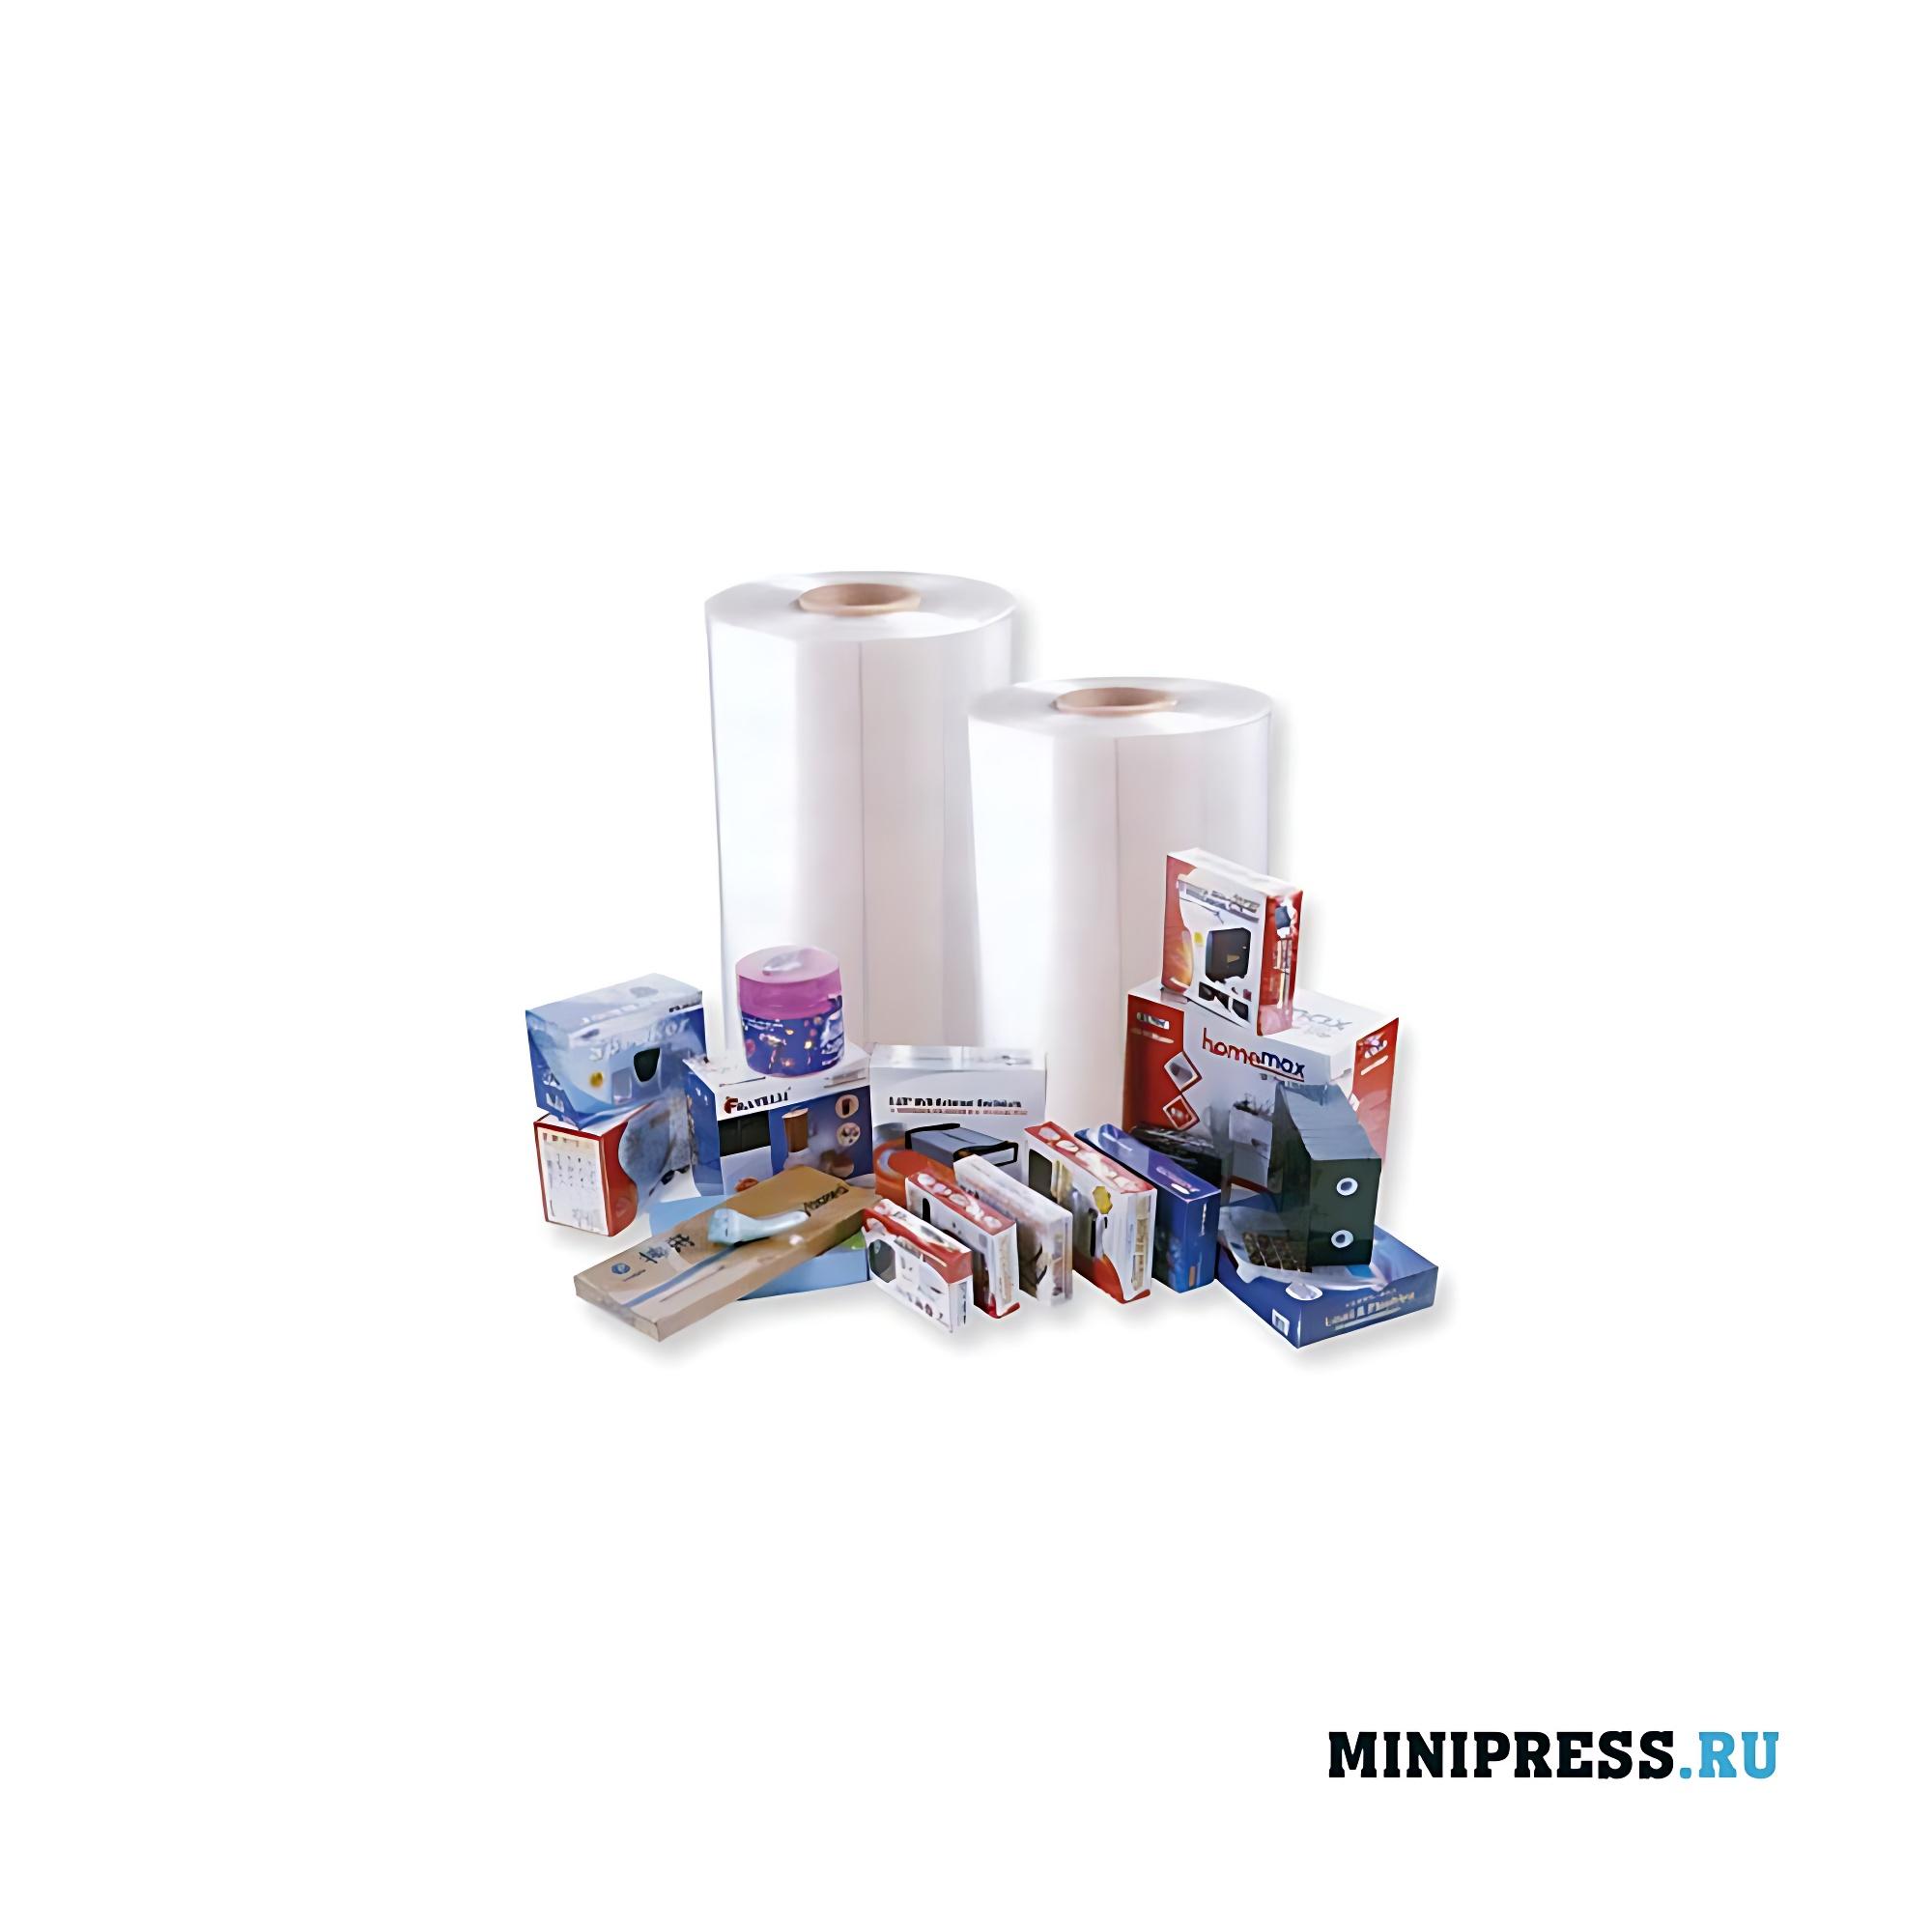 Упаковка товаров пленочным термоусадочным оборудованием